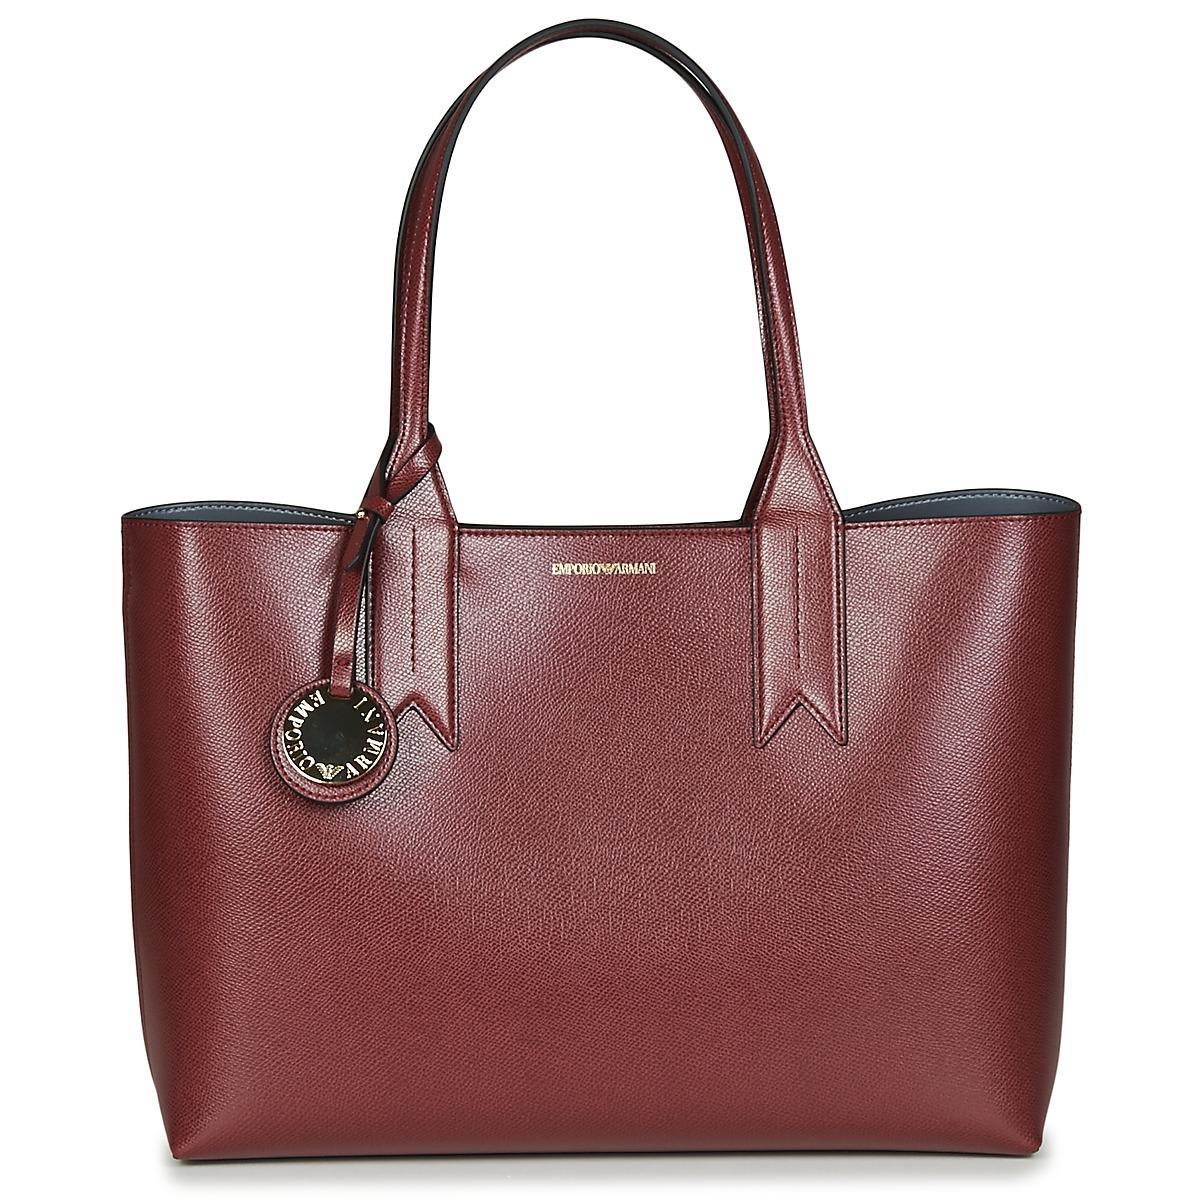 78c6baaf5b70 Emporio Armani Frida Shopping Bag Shoulder Bag in Red - Lyst